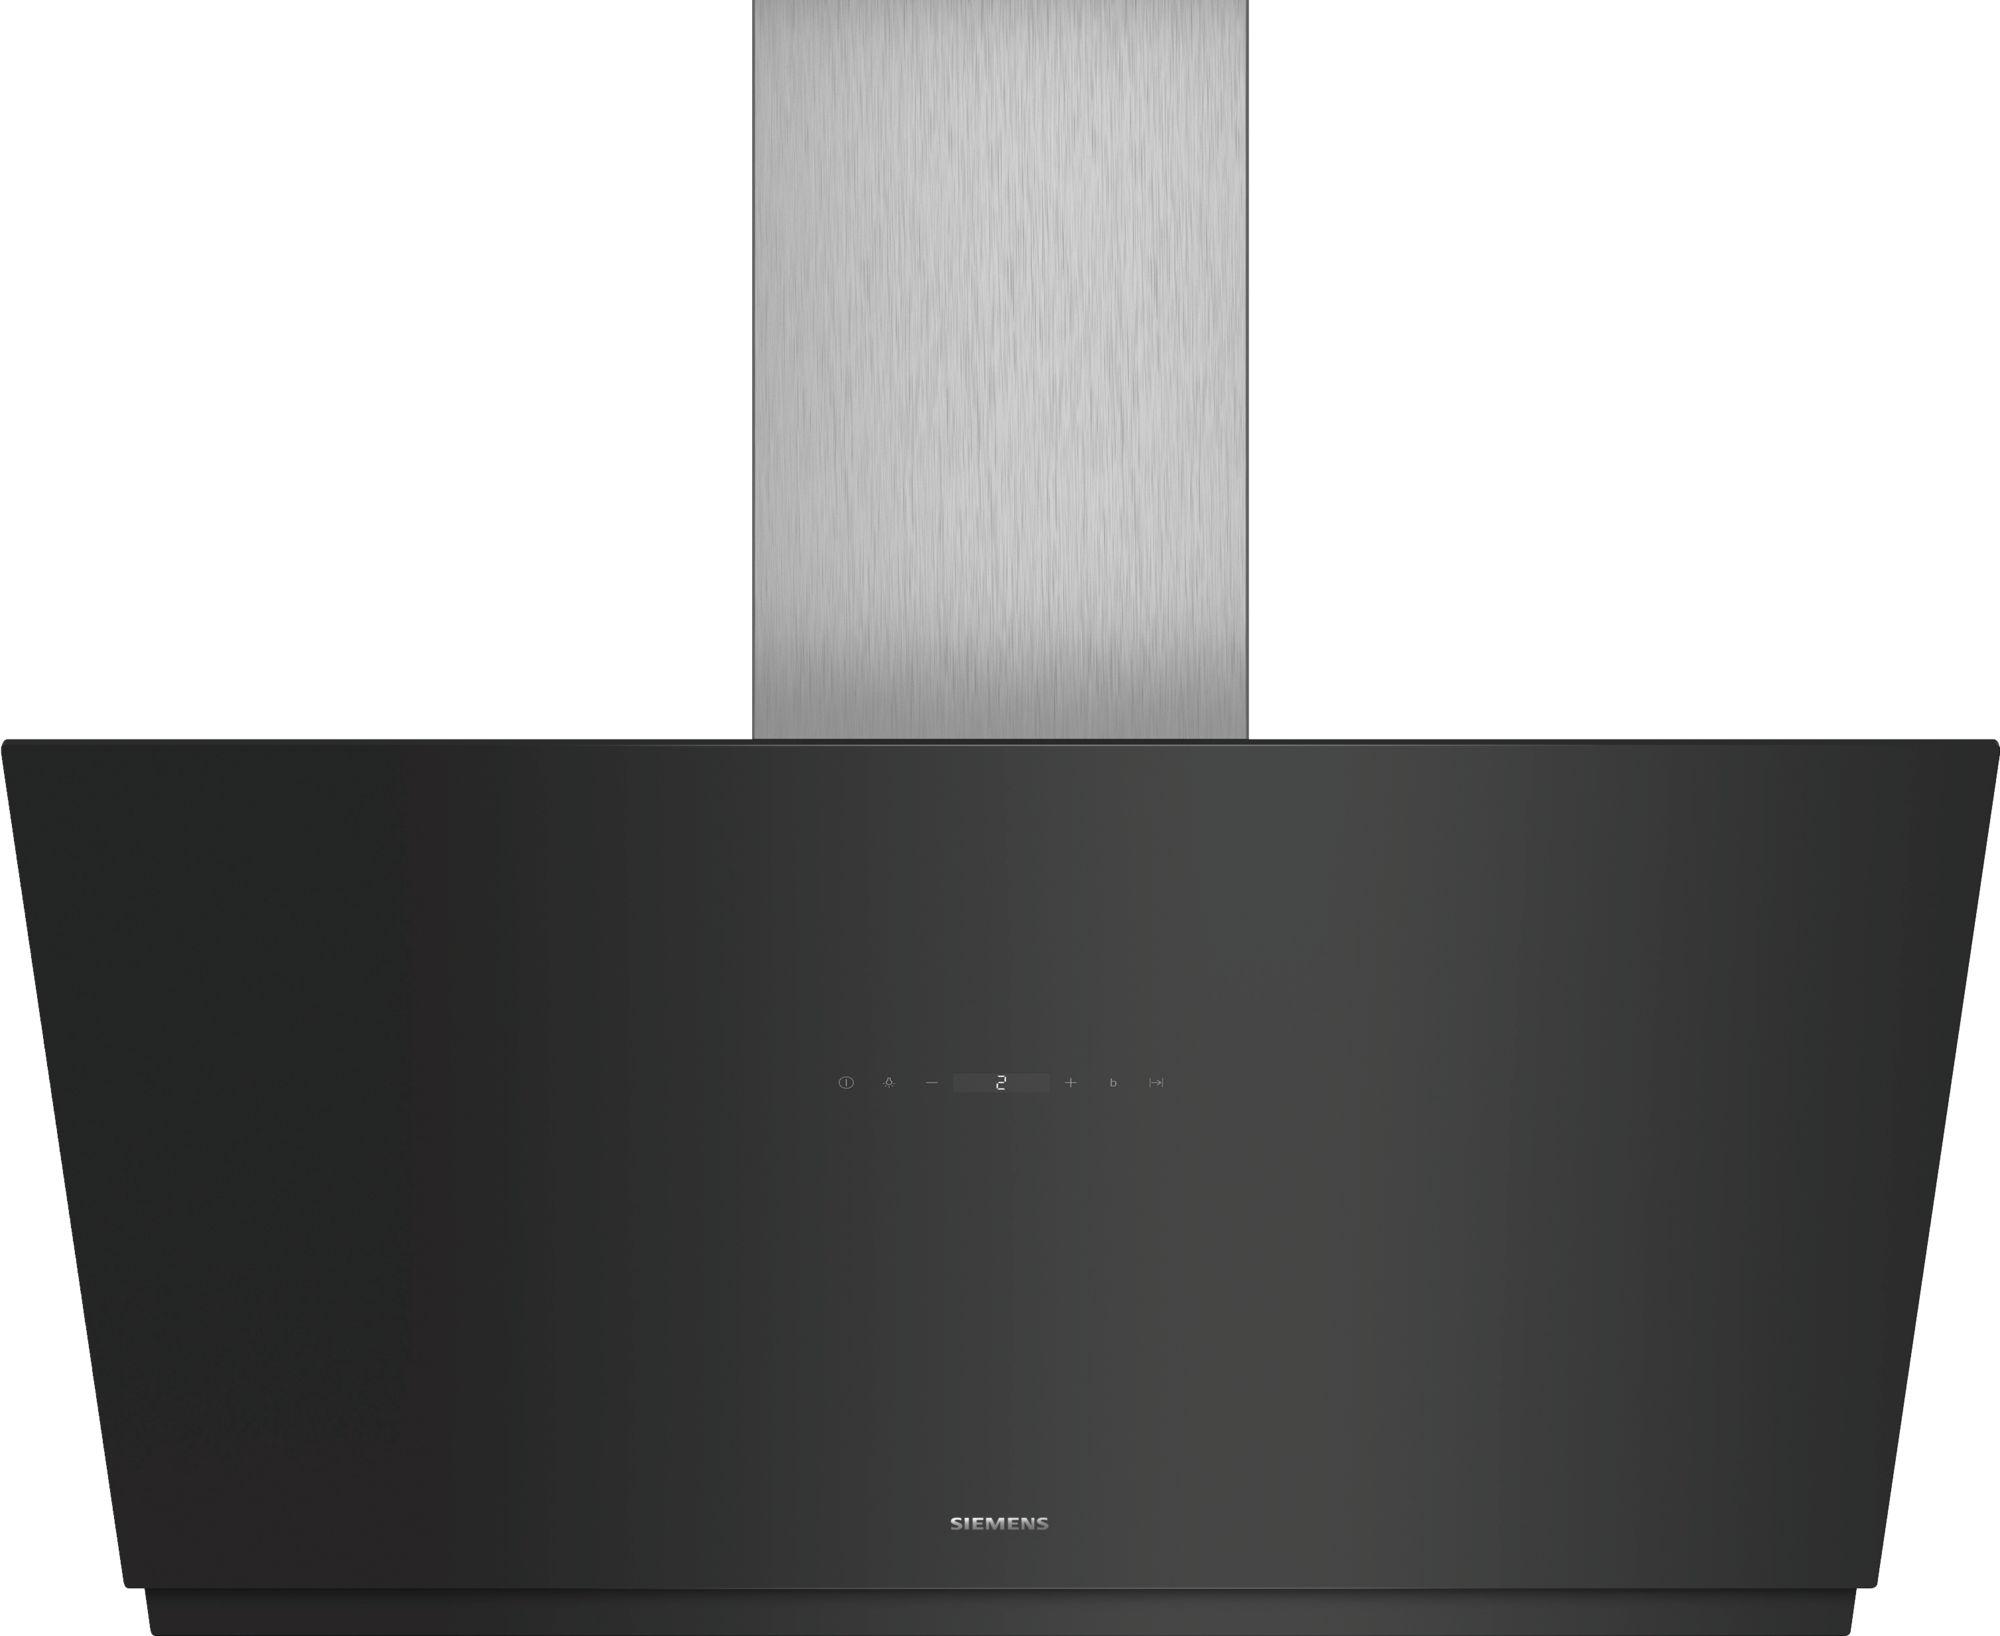 Siemens schräg esse schwarz mit glasschirm cm iq lc kmp